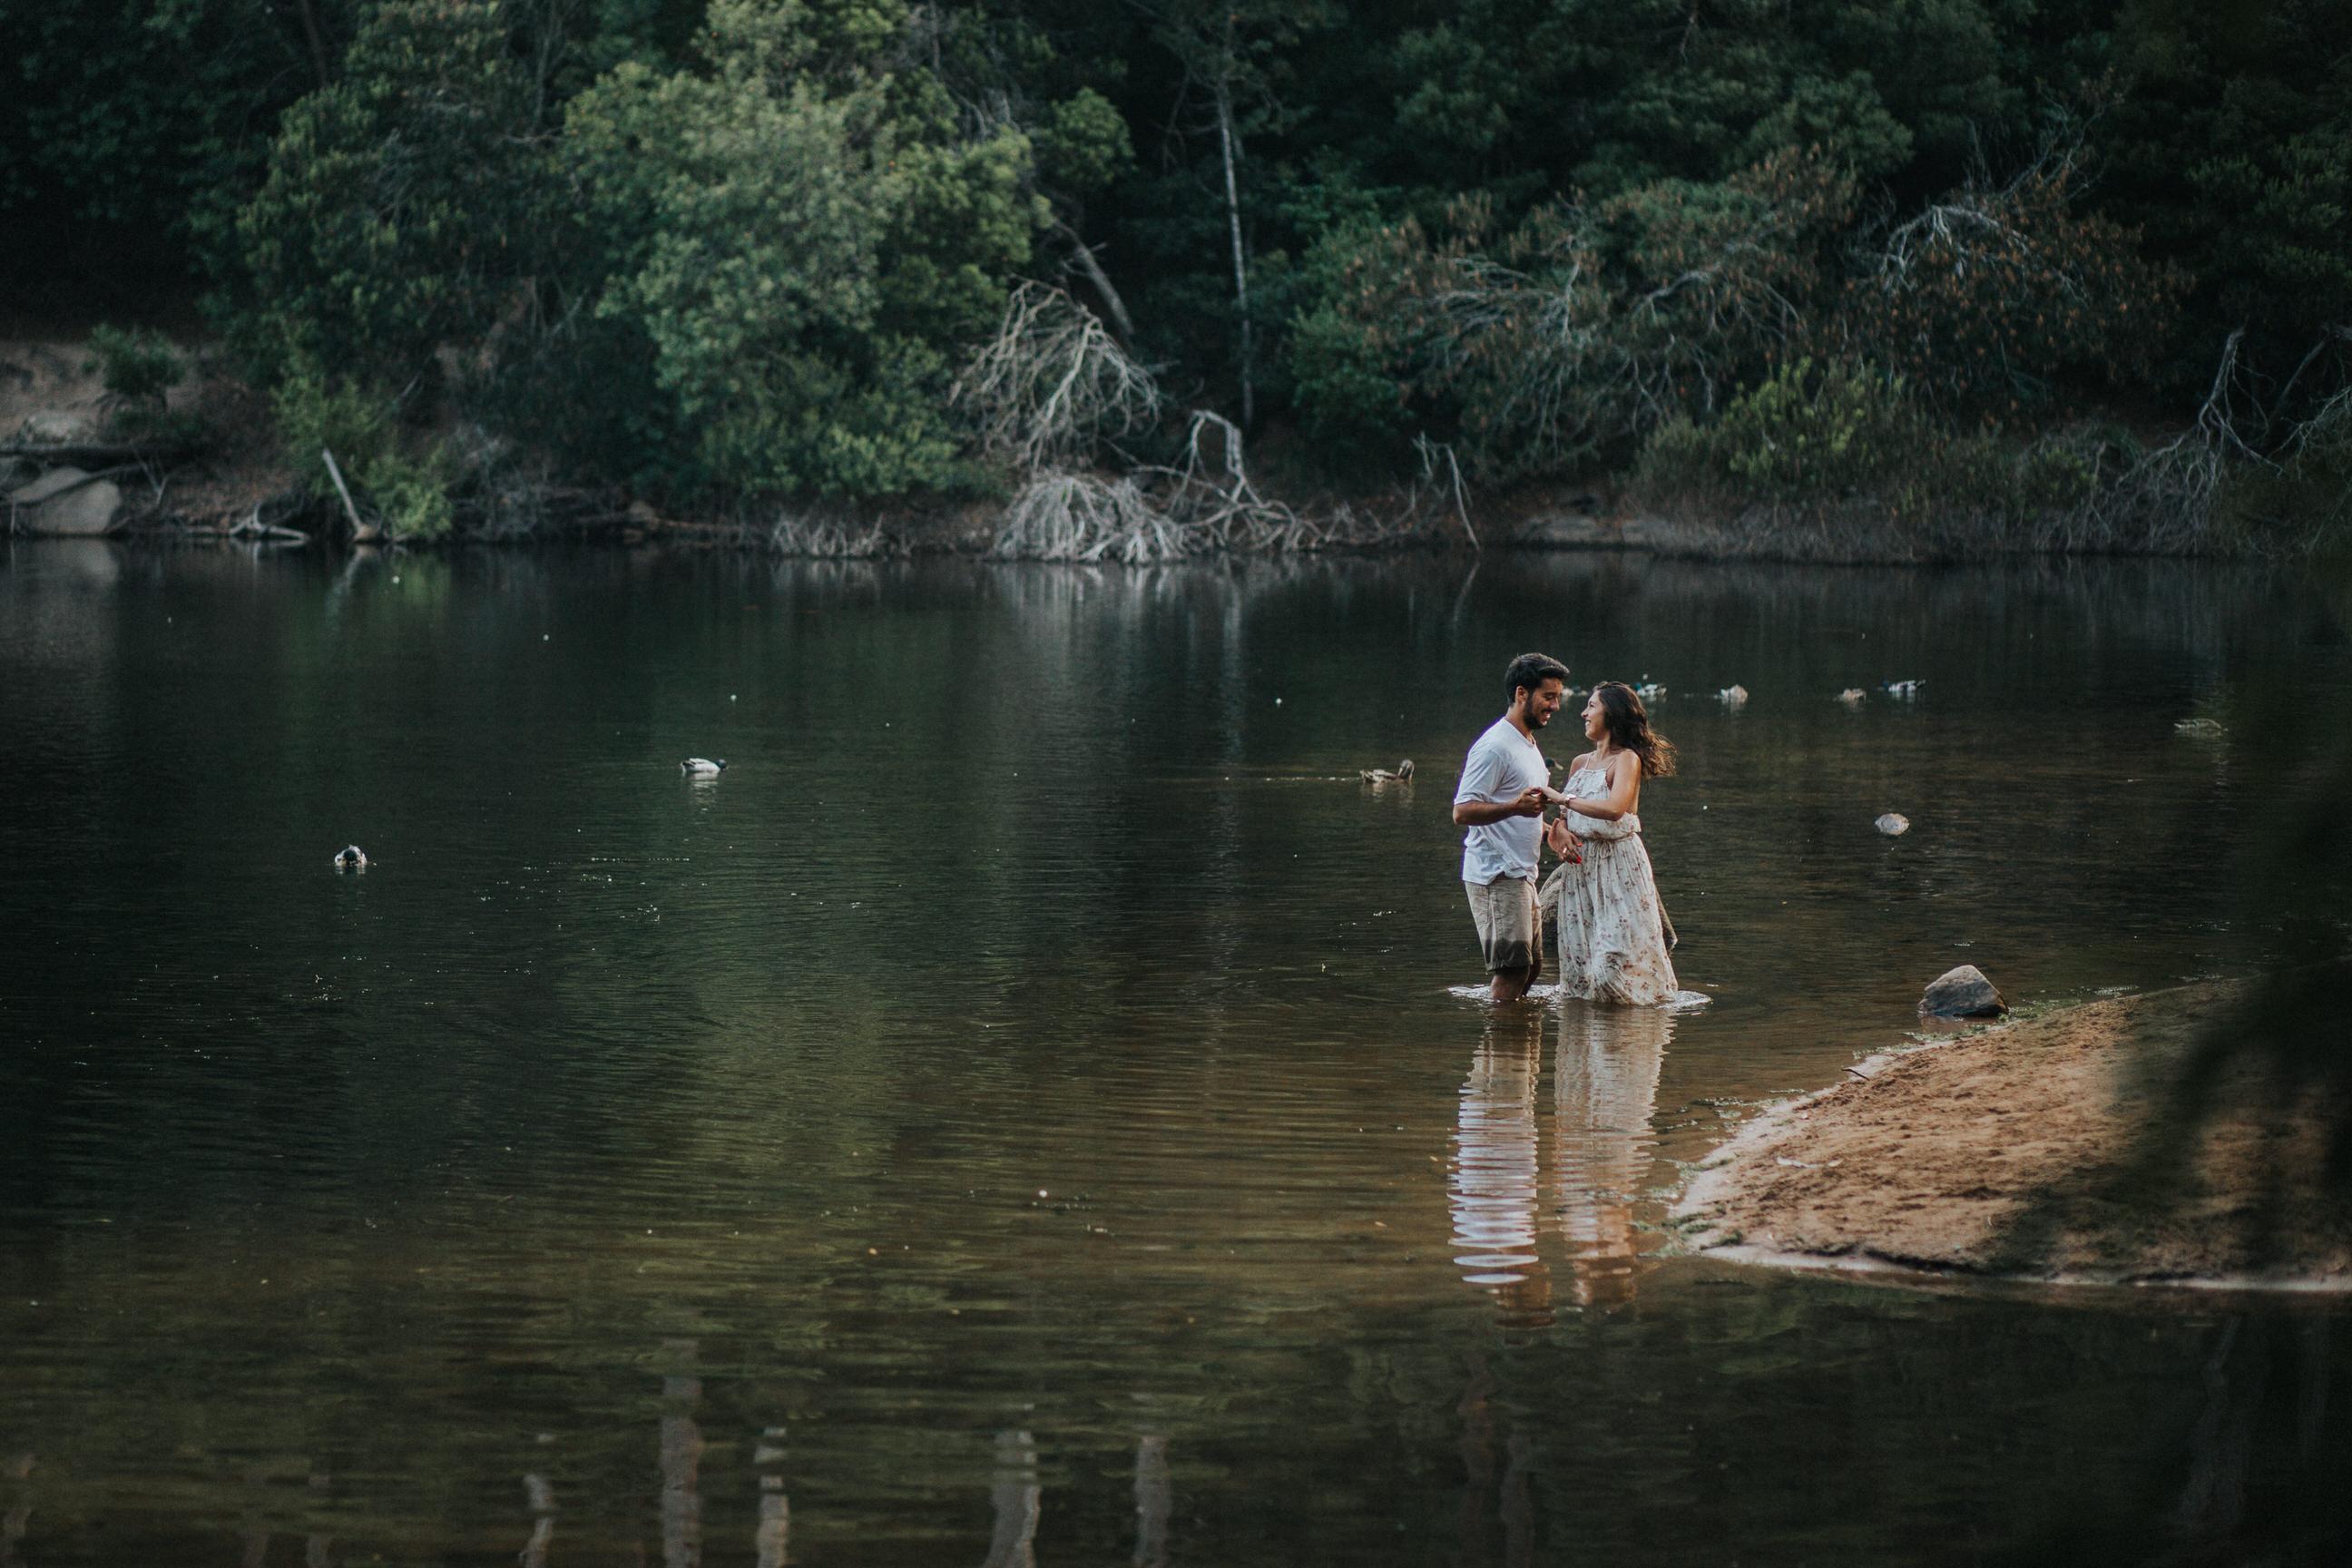 24 Cristiana&André-engagement-love-session-solteiros-noivado-foto-natural-Filipe-Santiago-Fotografia-Lisboa-Sintra-Mafra-Malveira-Torres-Vedras-Fotografos-preços